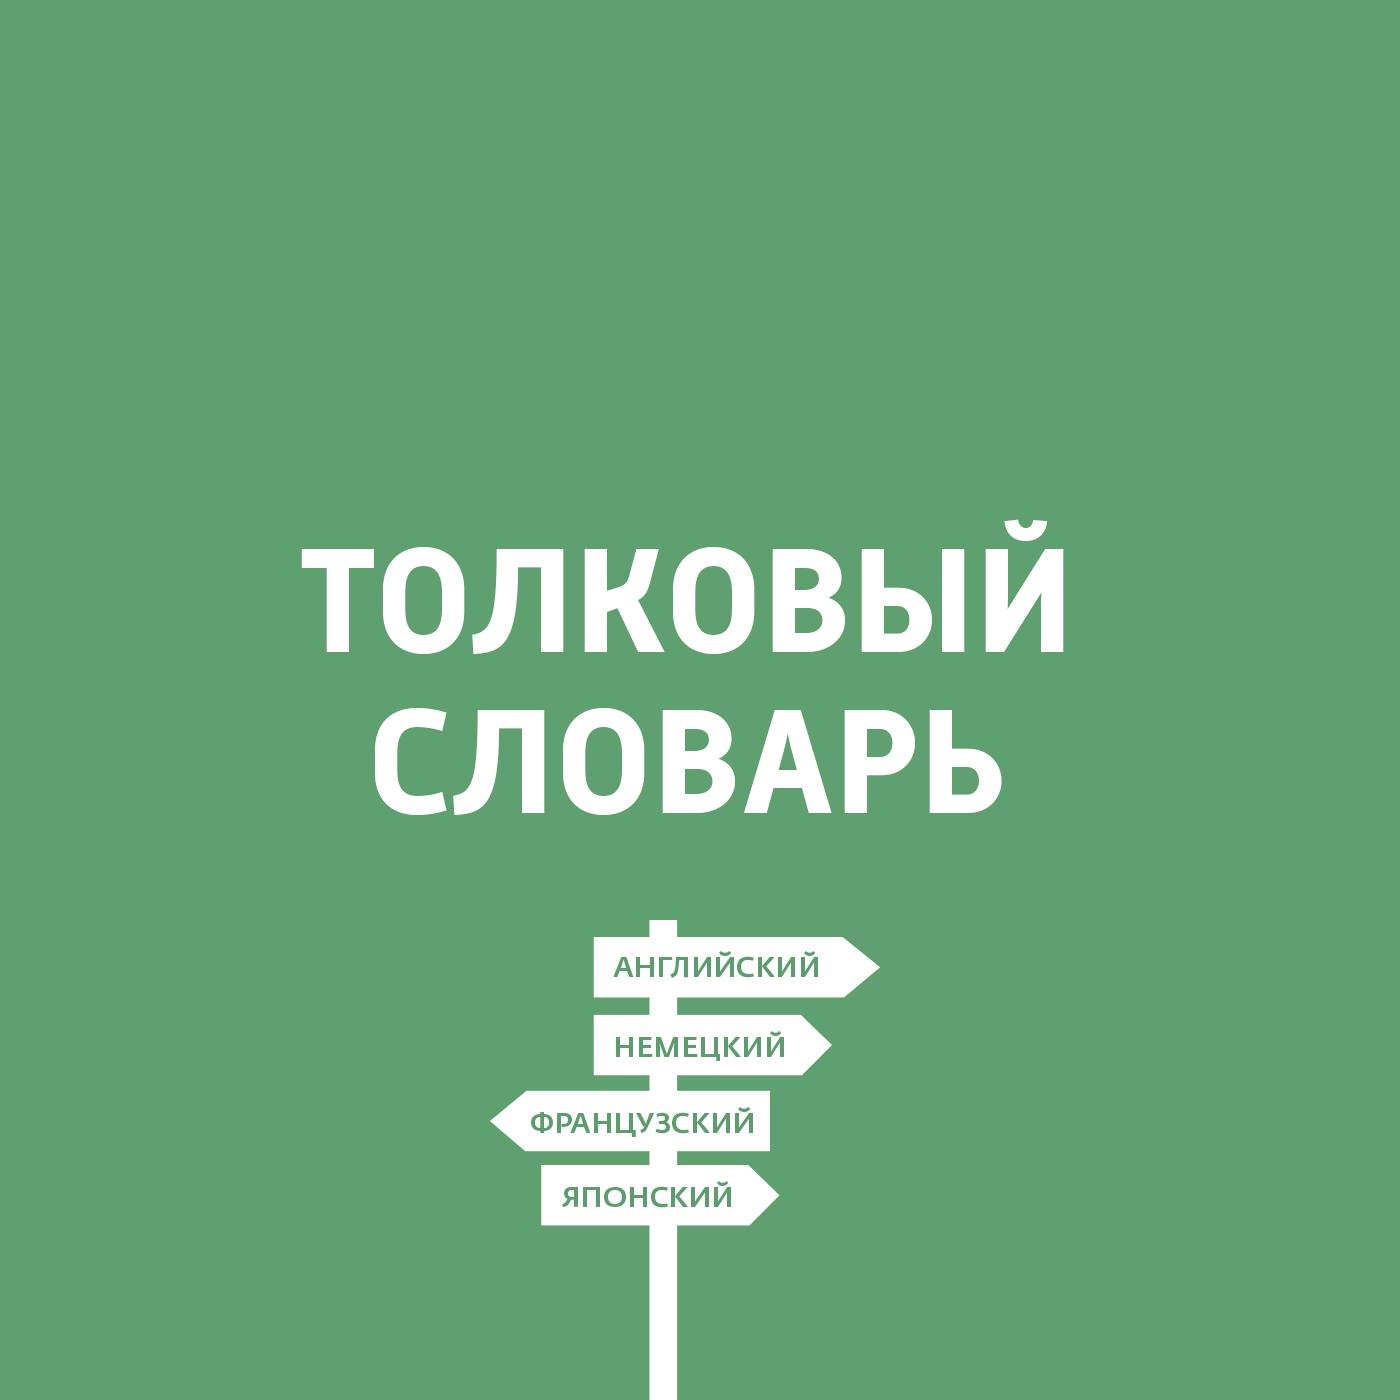 купить Дмитрий Петров Индийские языки, продолжение по цене 49 рублей